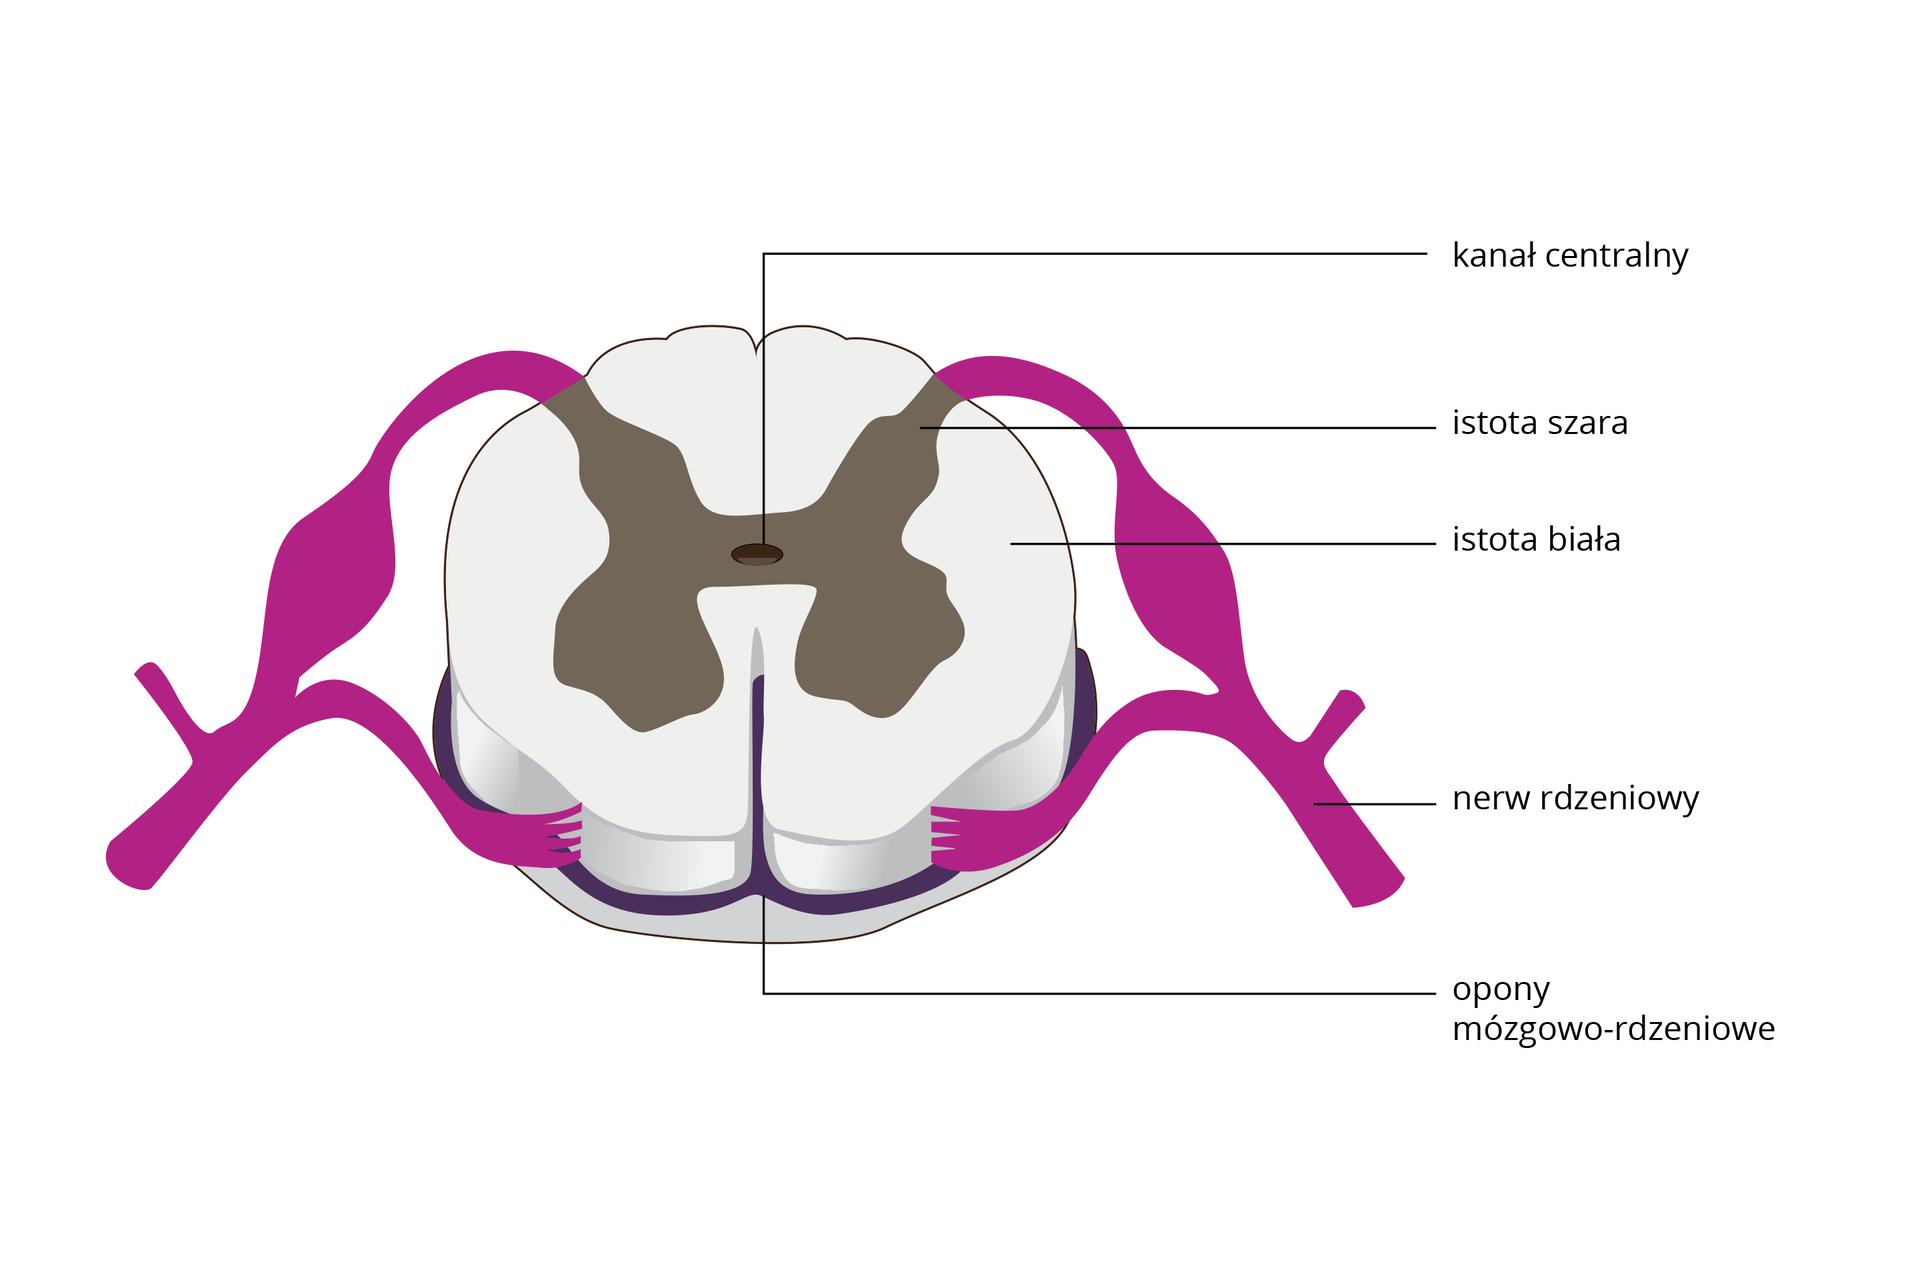 Ilustracja przedstawia schematycznie przekrój poprzeczny białego rdzenia kręgowego. Ma wewnątrz istotę szarą wkształcie motyla. Od niej ugóry wychodzą różowe nerwy rdzeniowe. Wśrodku ciemny kanał centralny. Wokół rdzenia ciemnofioletowe opony rdzeniowe.